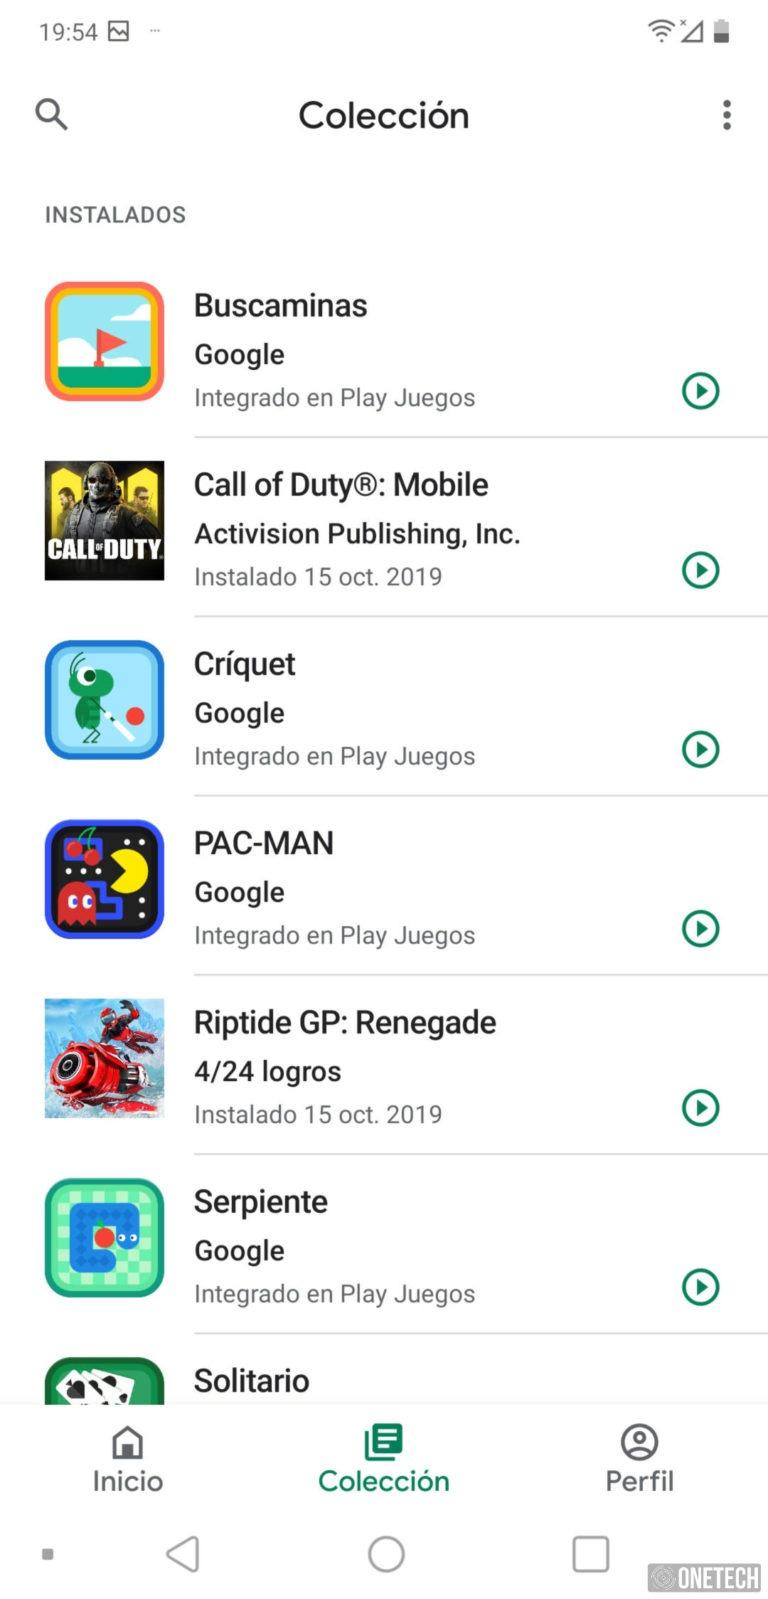 Google Play Juegos estrena un nuevo diseño 2